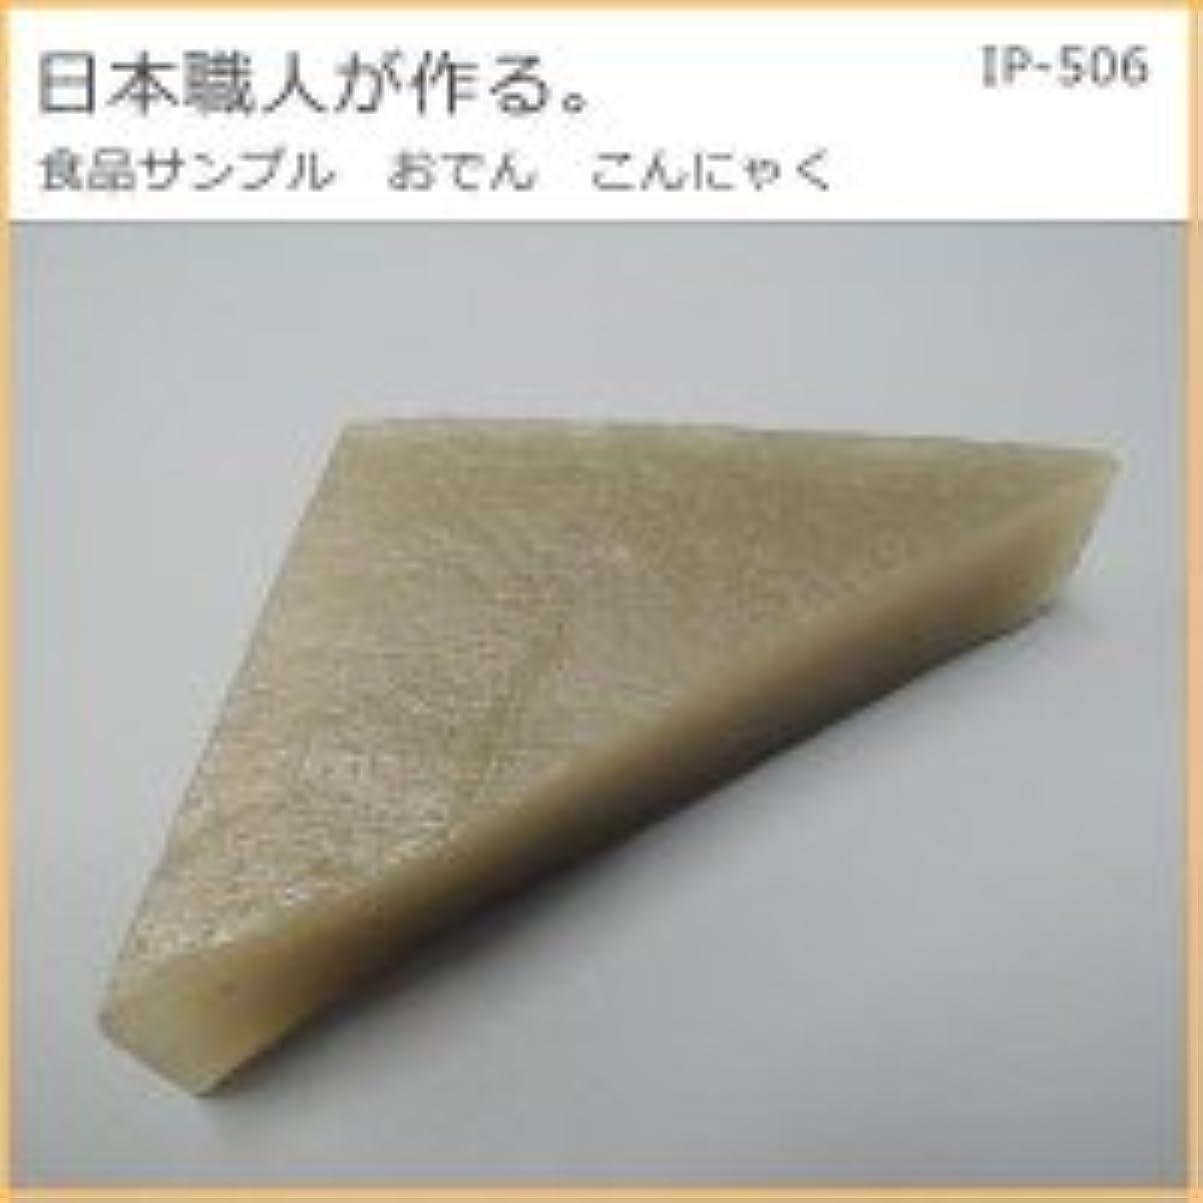 視聴者クラッシュブラシ日本職人が作る 食品サンプル おでん こんにゃく IP-506